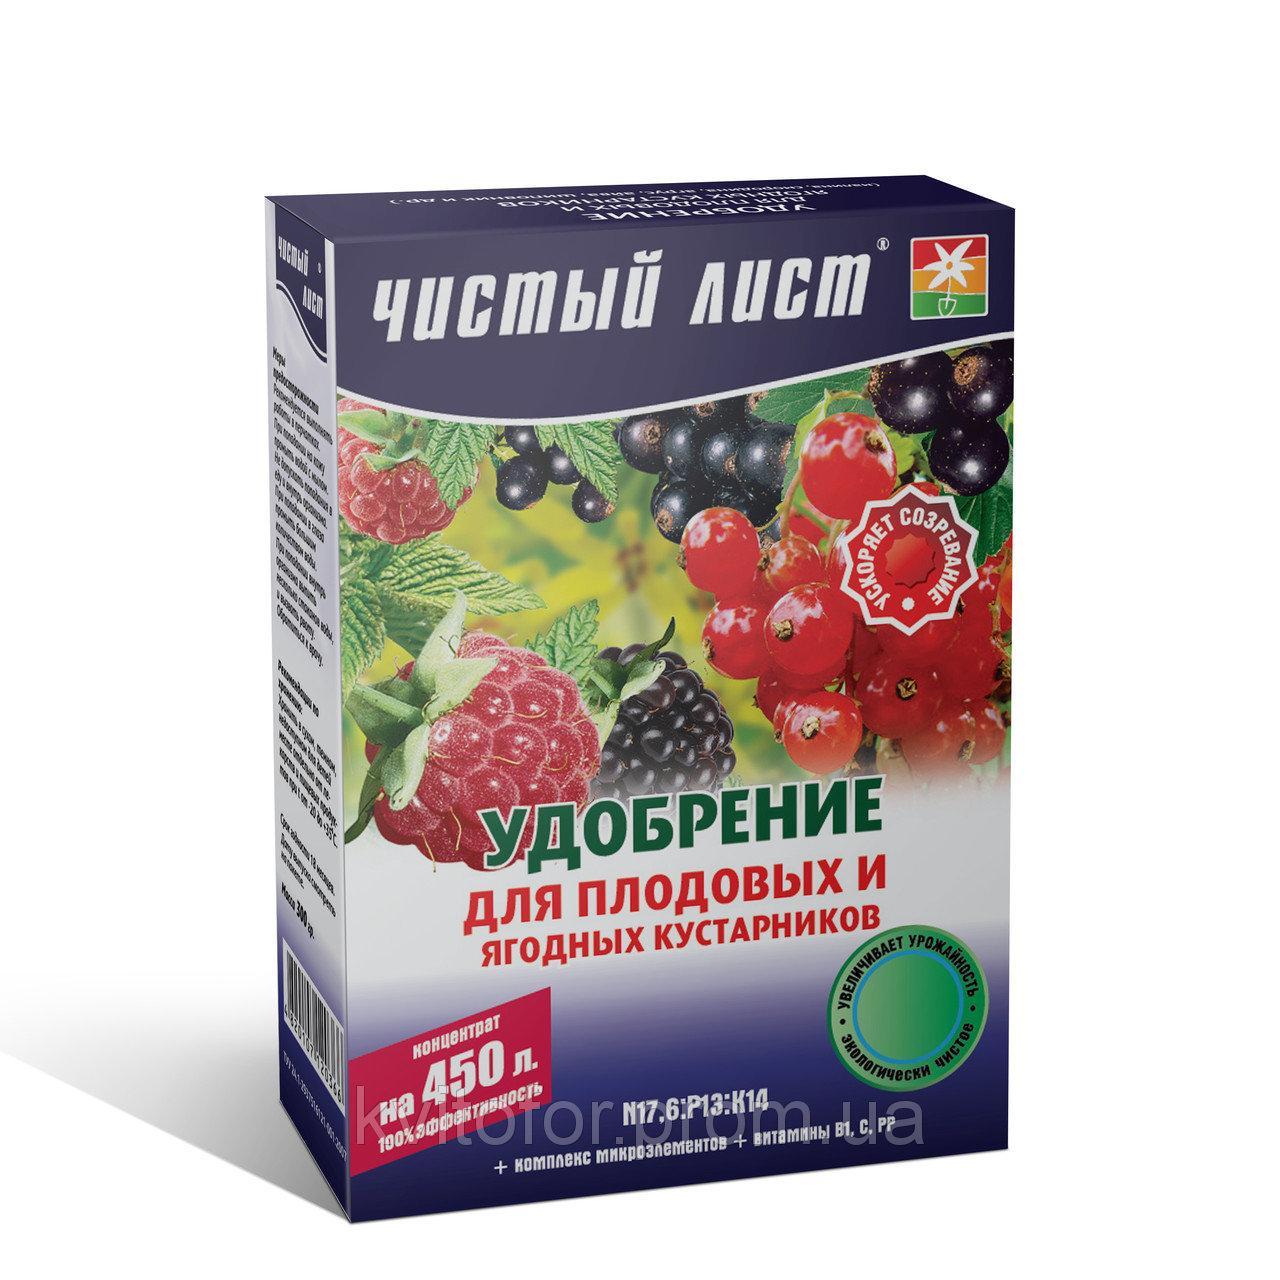 Удобрение для плодовых и ягодных кустарников Чистый лист, 300 г